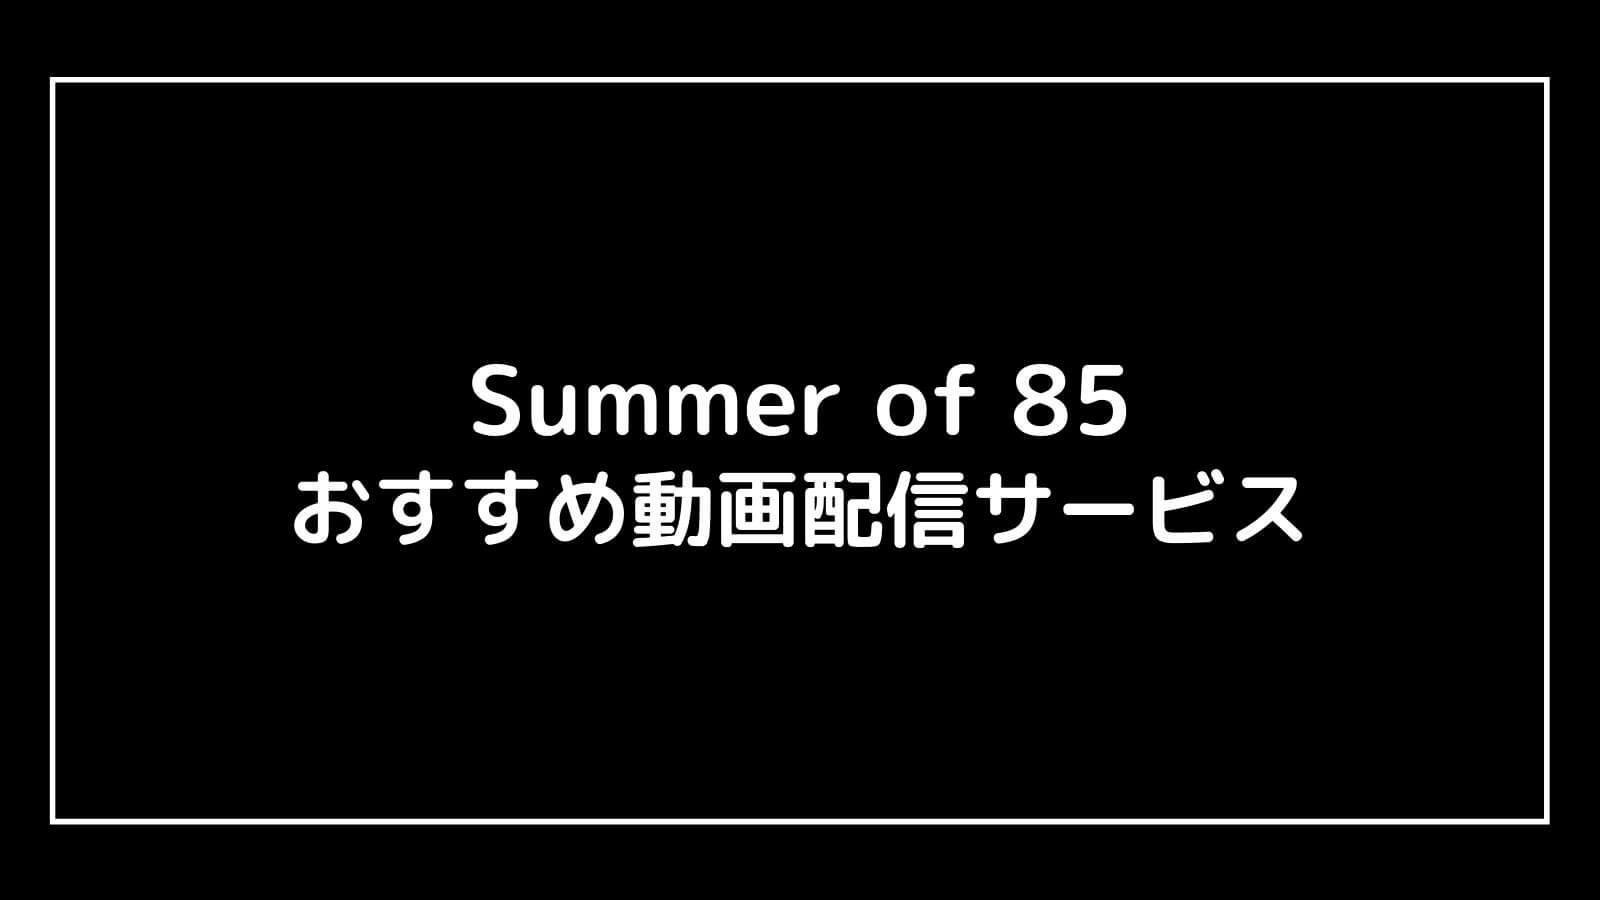 映画『Summer of 85』の配信を無料視聴できるおすすめ動画配信サイト